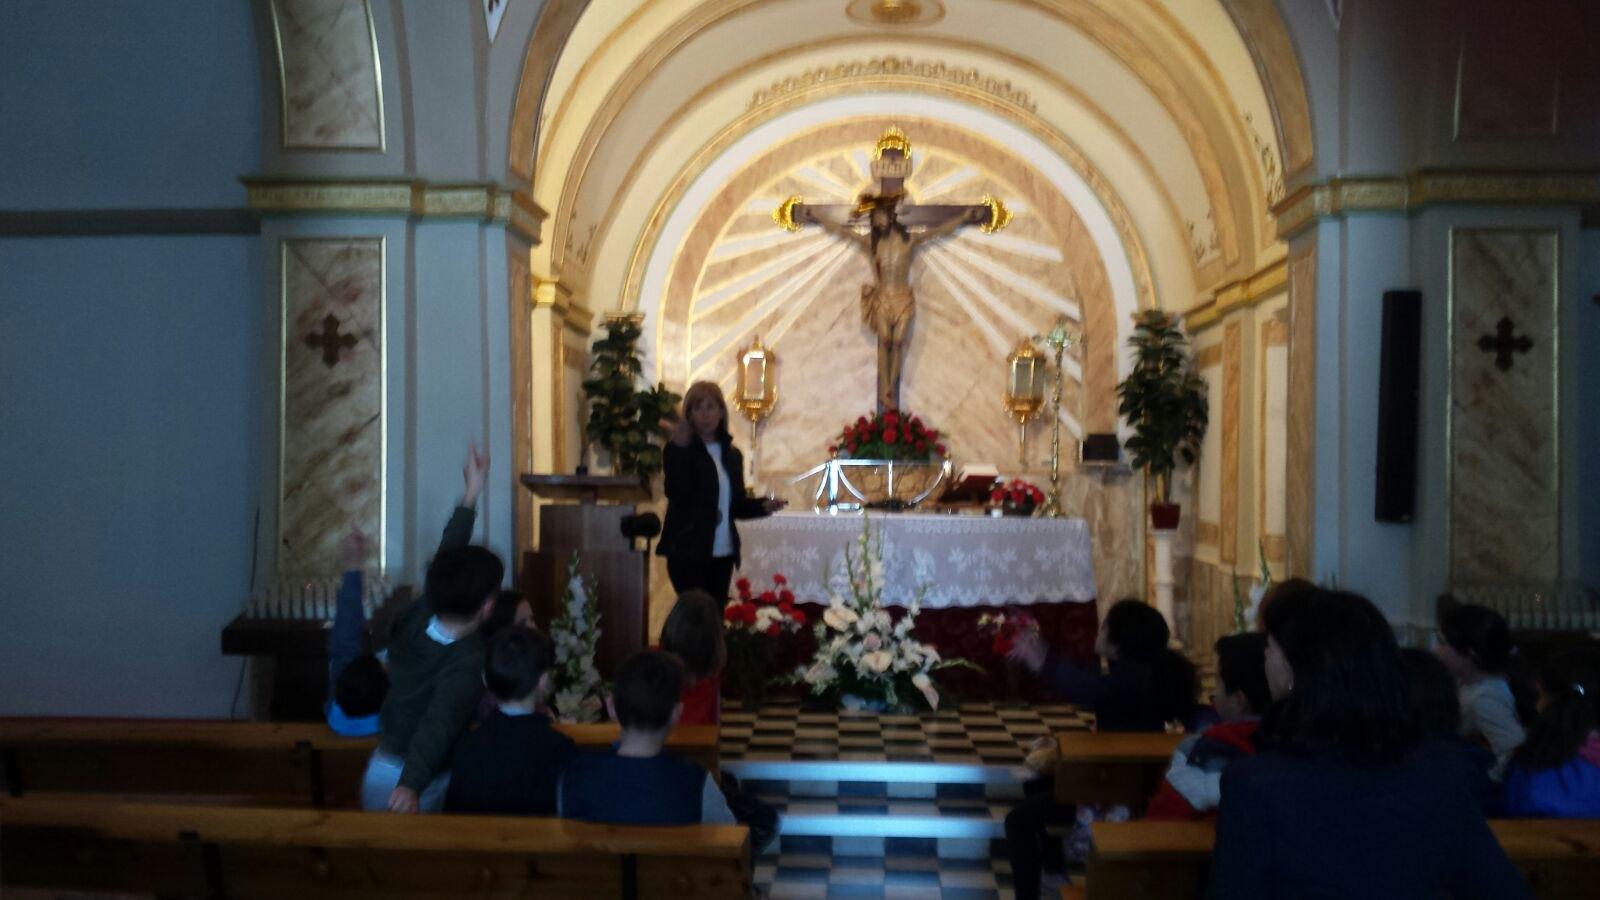 (2018-03-16) - Visita ermita alumnos Laura,3ºB, profesora religión Reina Sofia - Marzo -  María Isabel Berenguer Brotons (14)